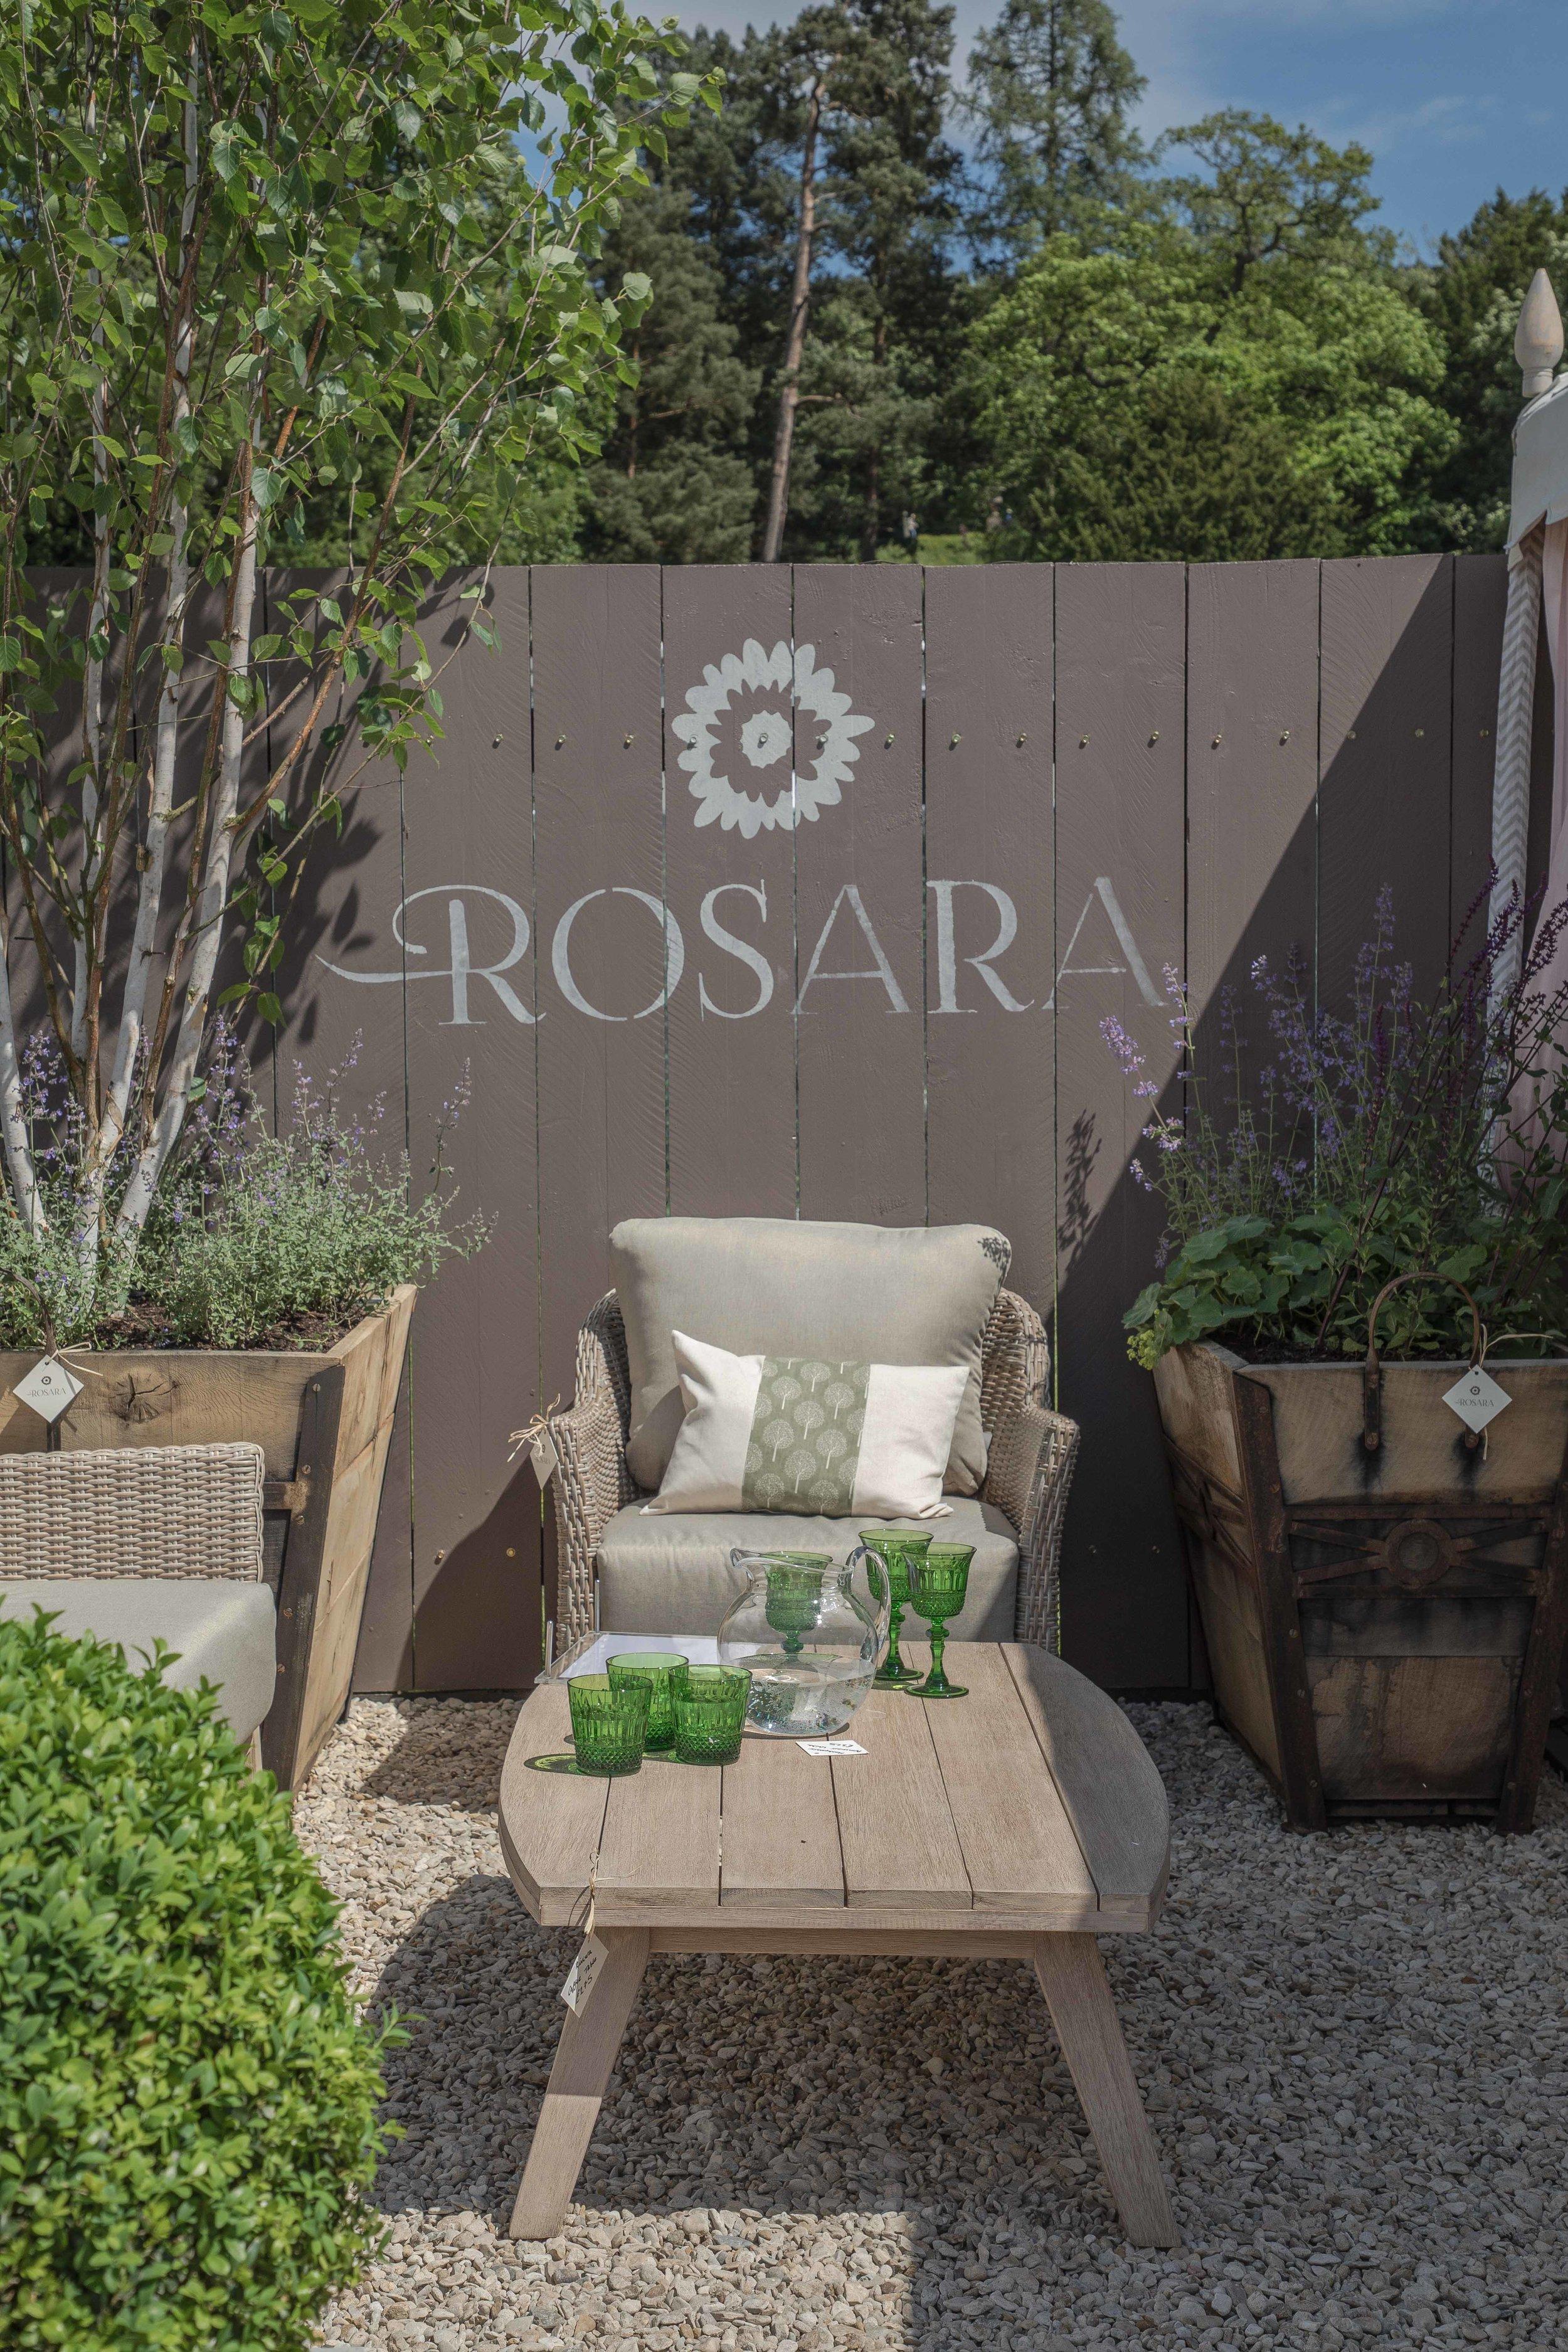 Rosara.jpg